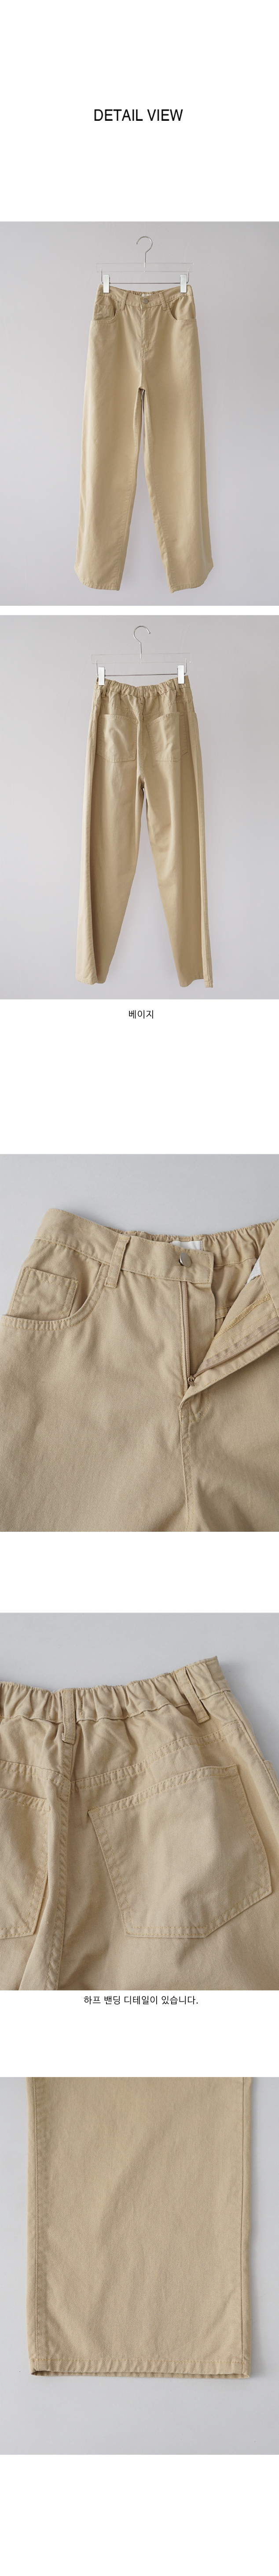 beige back banding washing pants